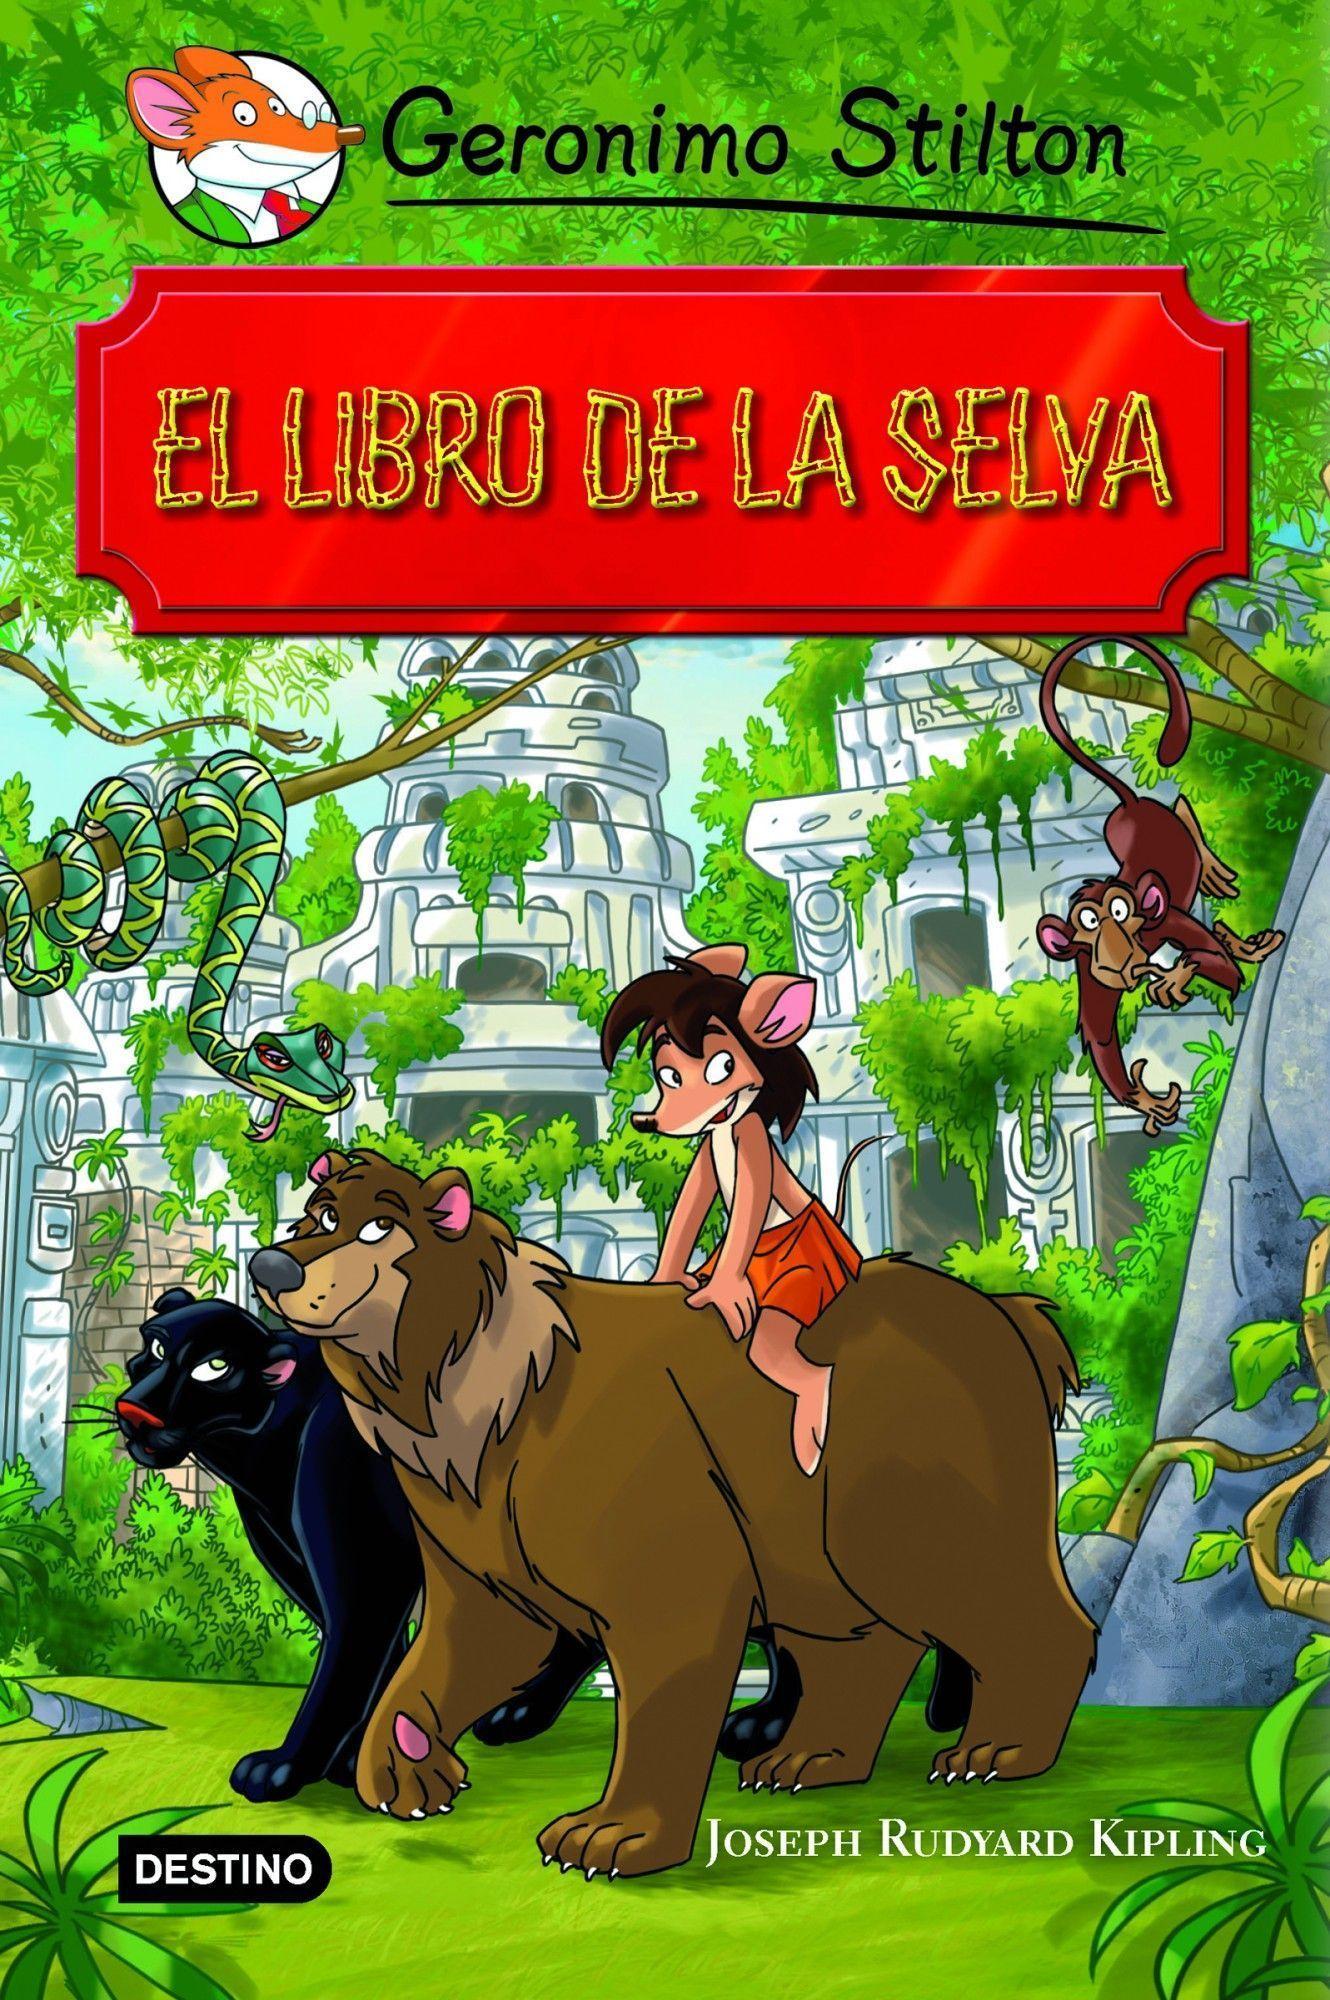 grandes historias : el libro de la selva-geronimo stilton-9788408102137